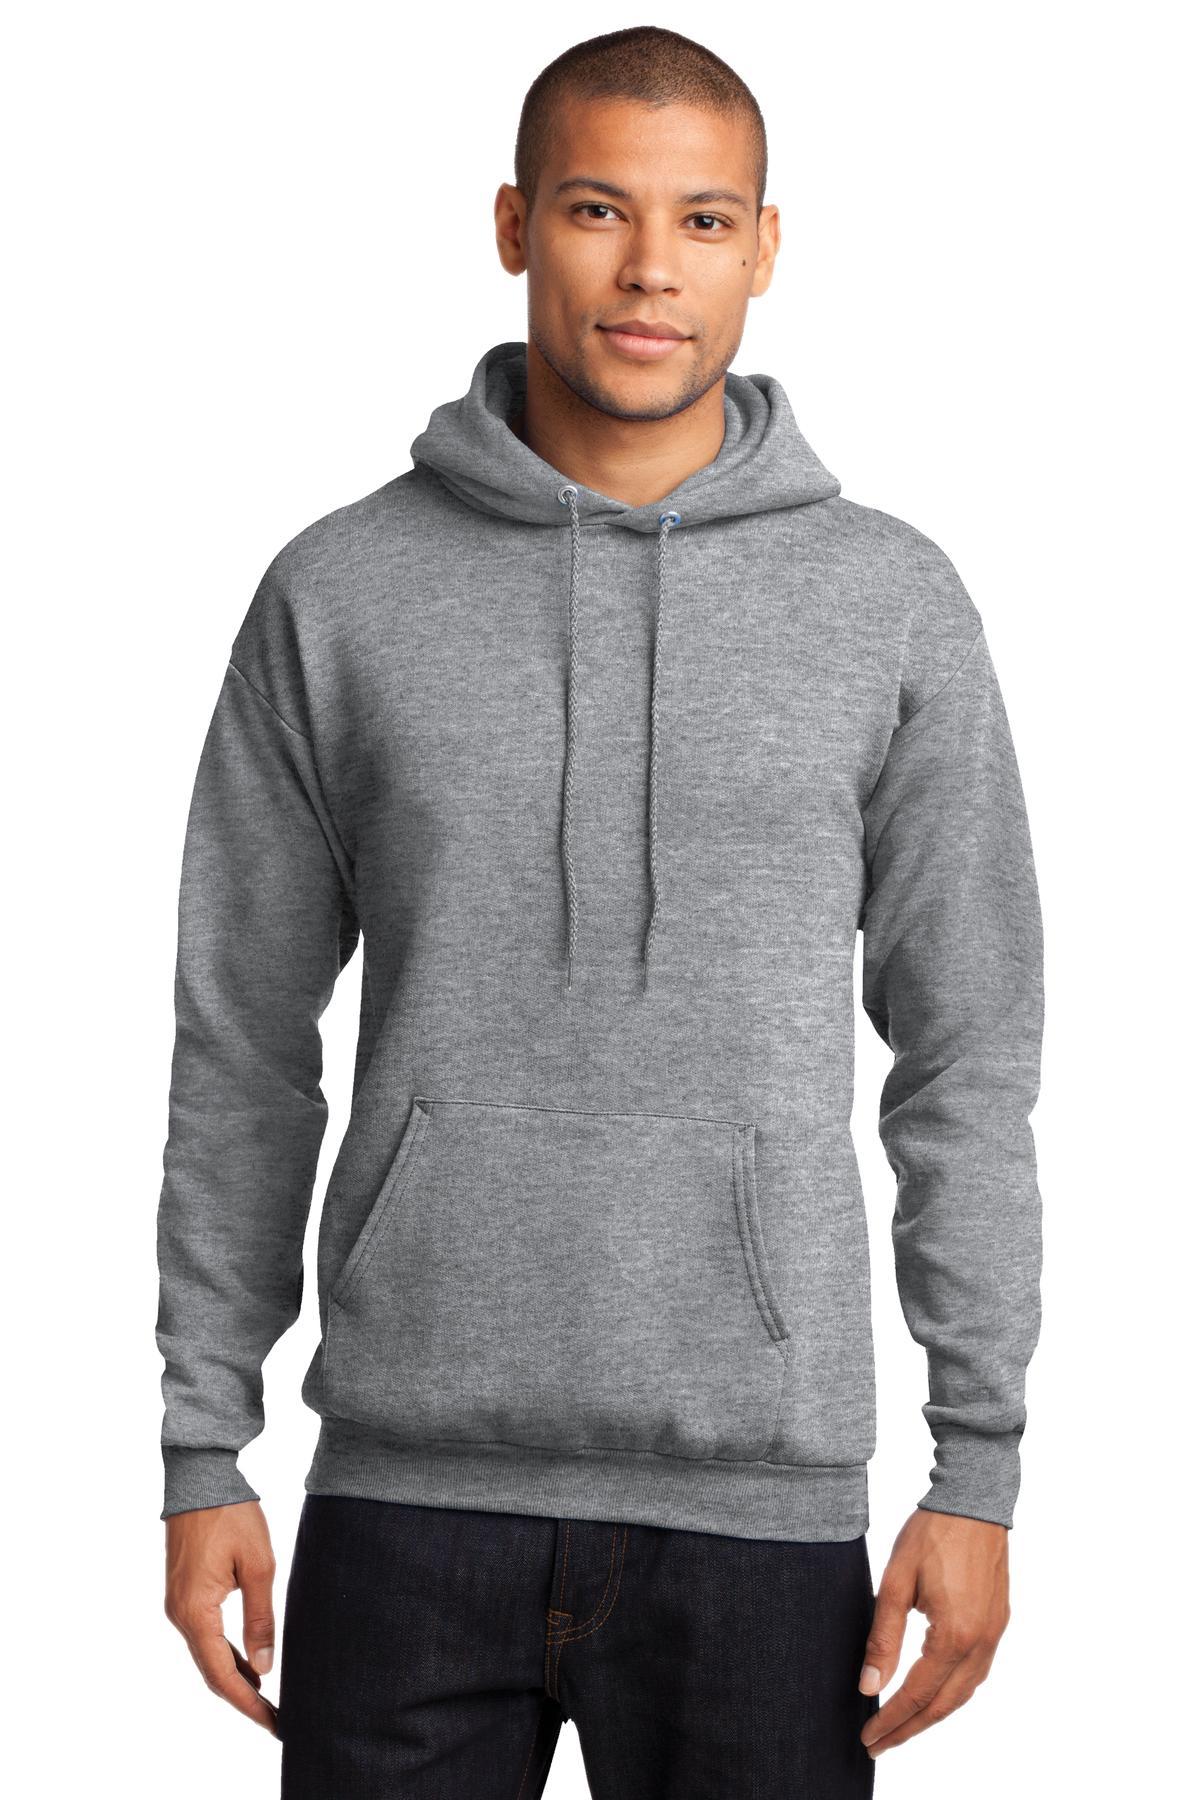 Sweatshirts-Fleece-Hooded-42